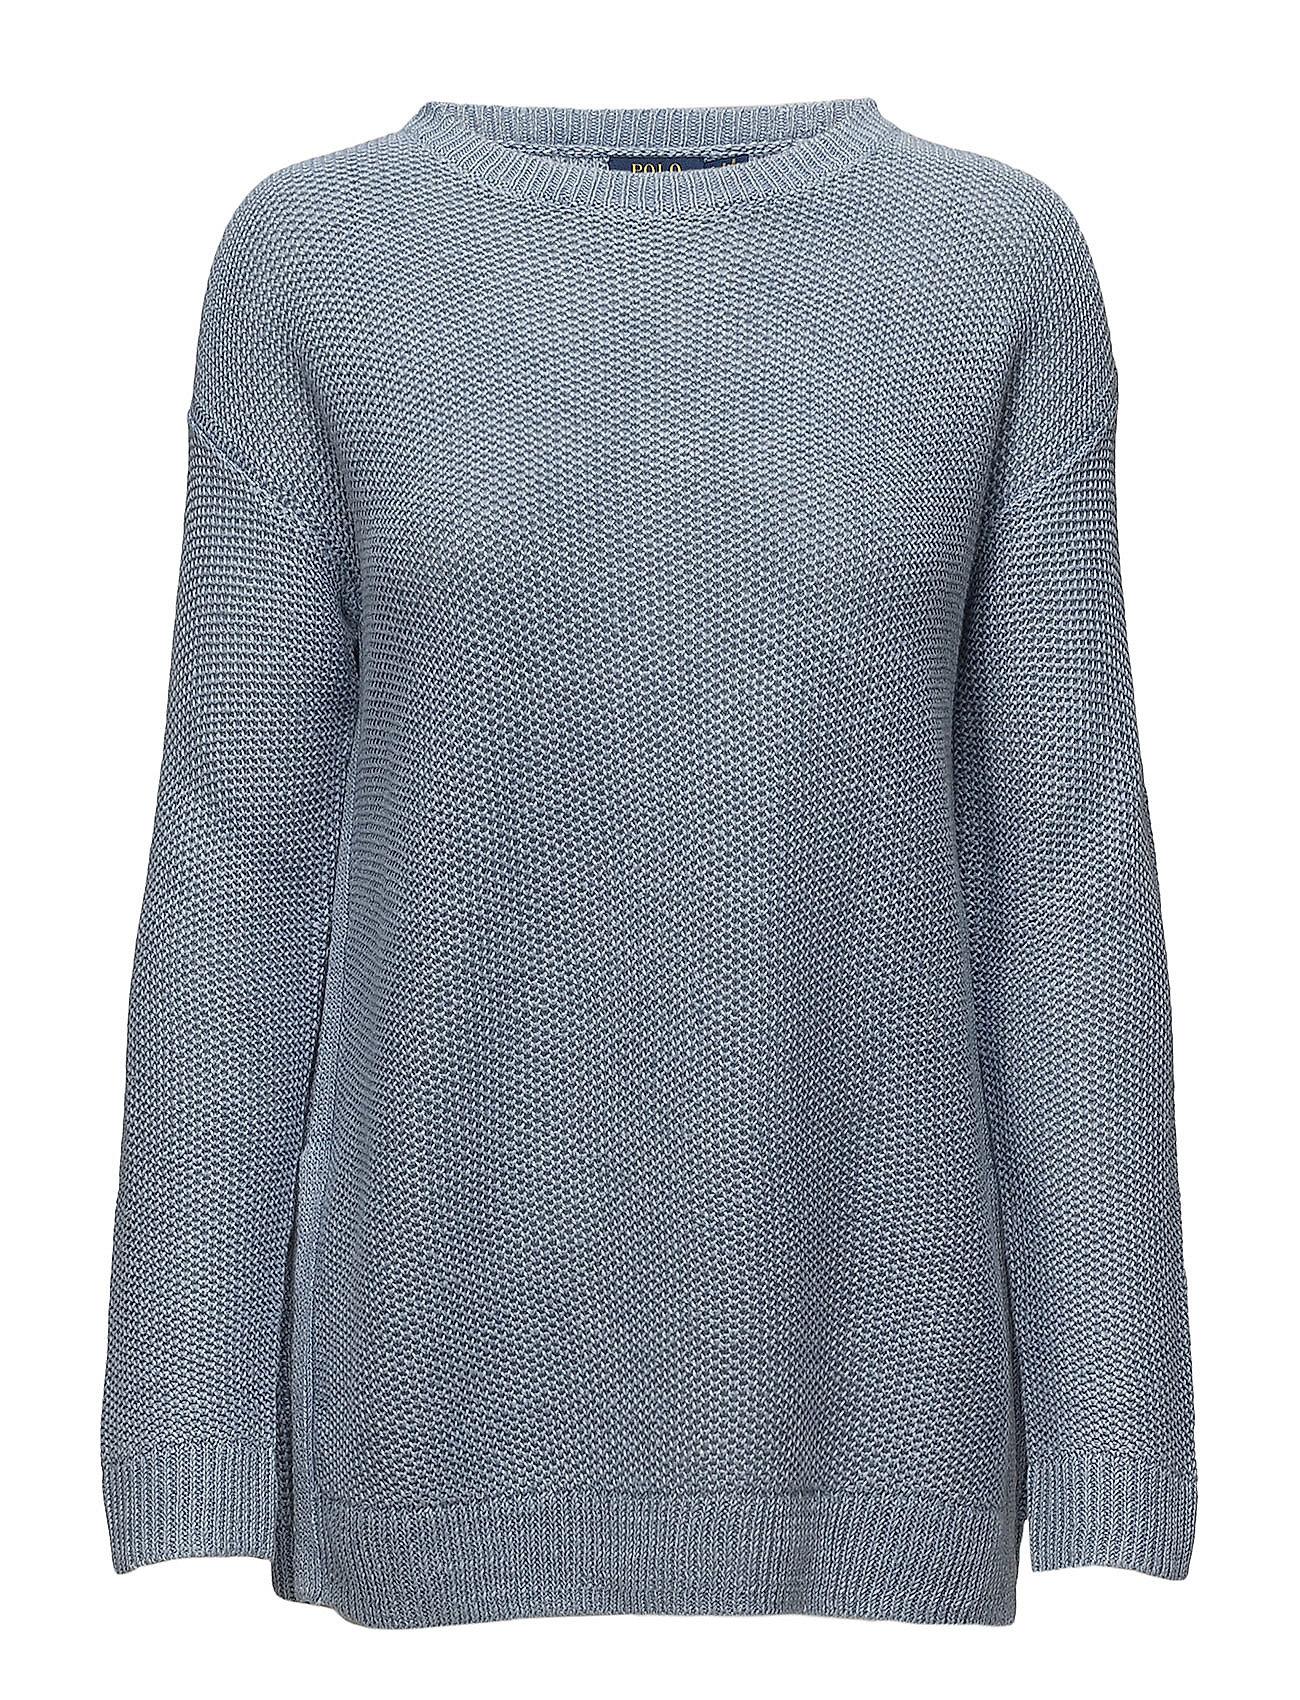 Polo Ralph Lauren Linen Crewneck Sweater